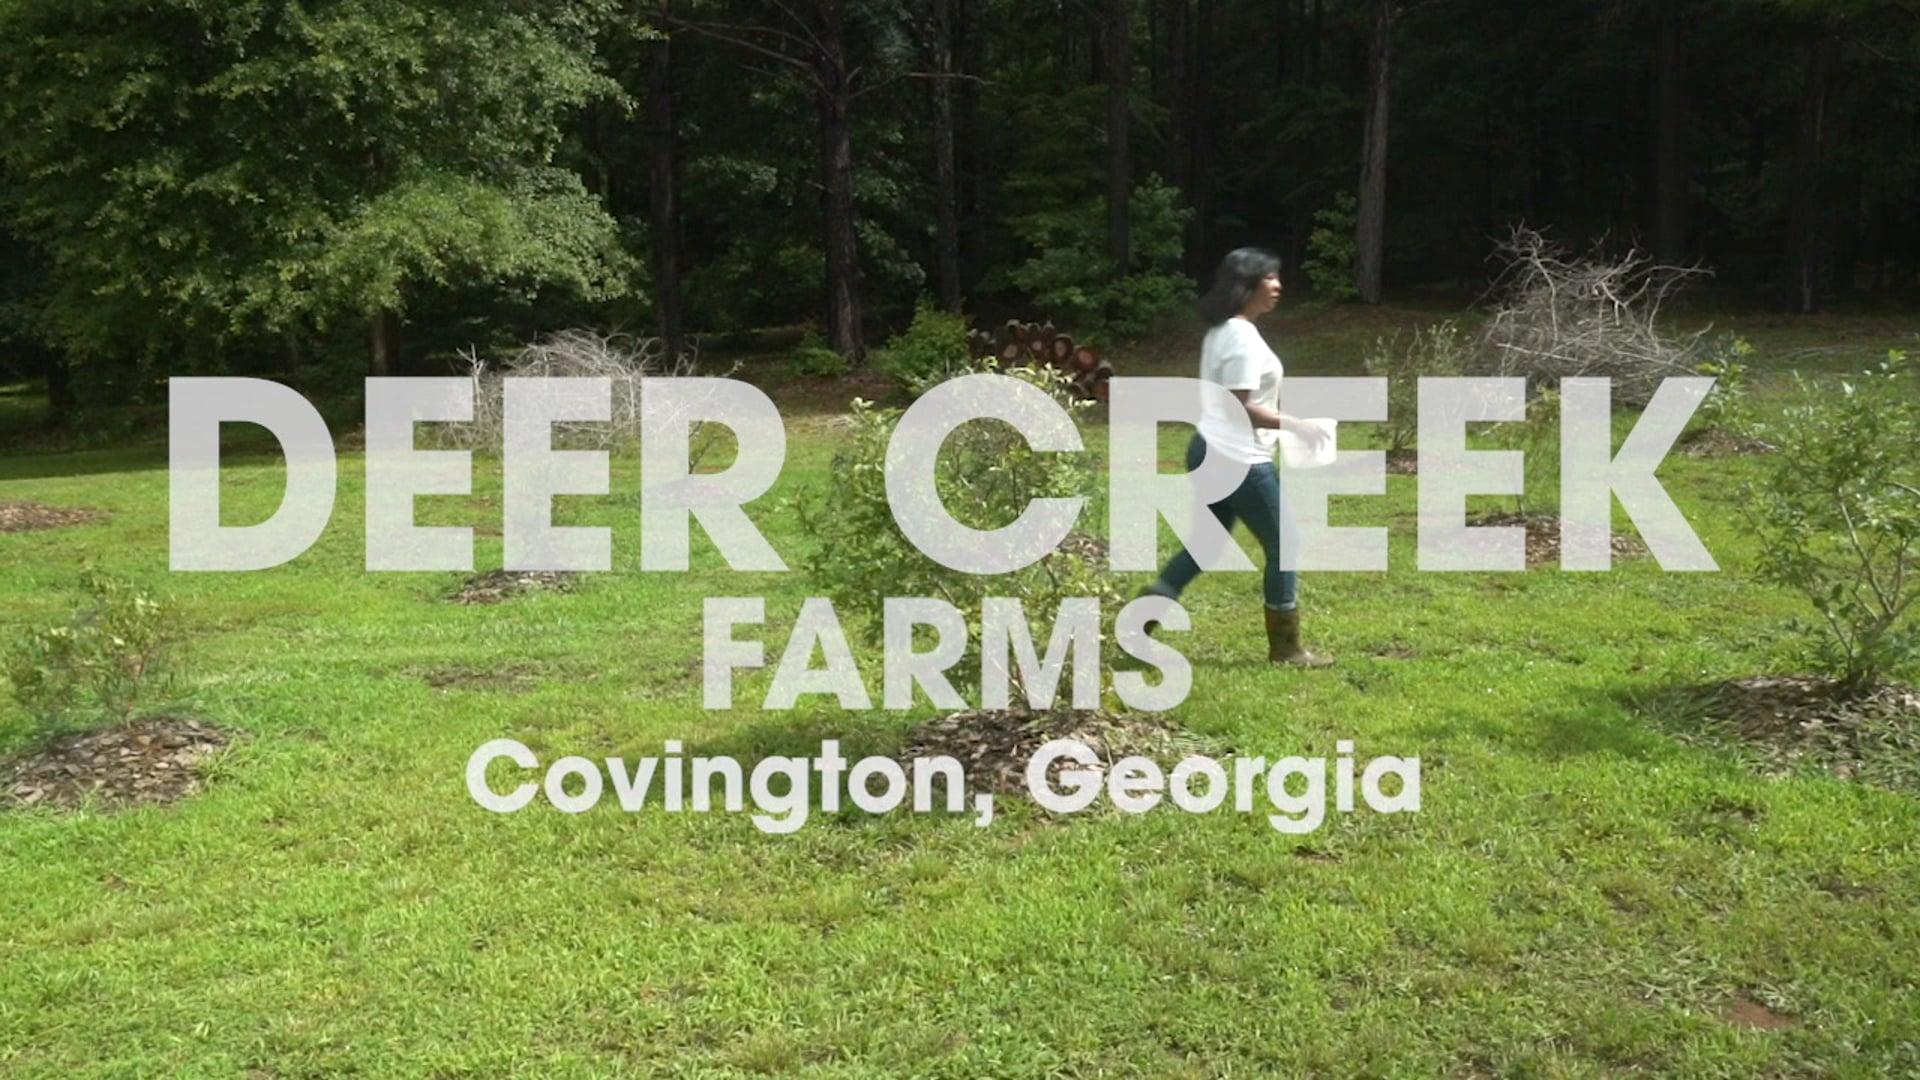 Deer Creek Farms